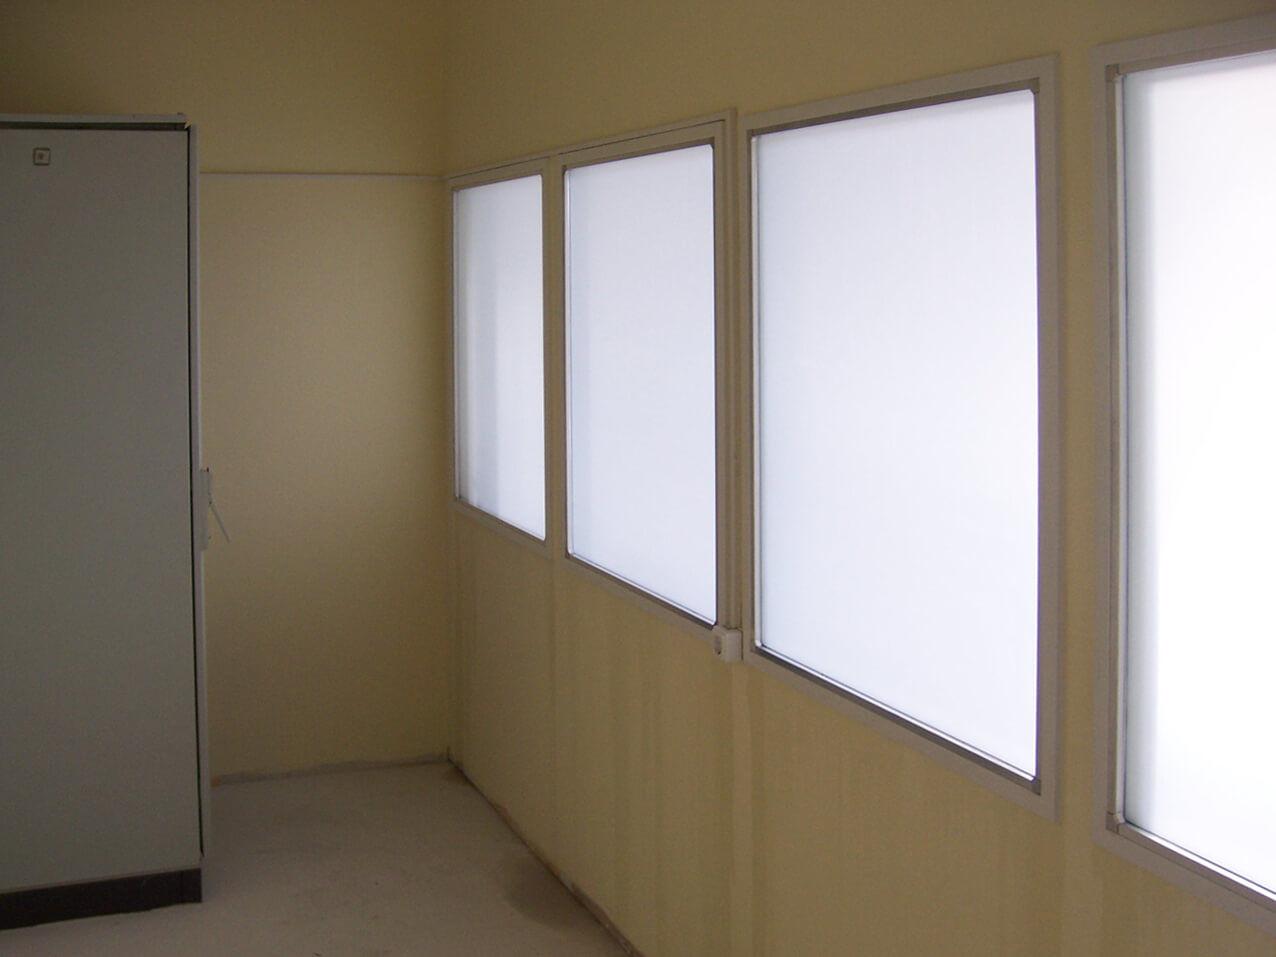 Full Size of Fenster Sichtschutz Innen Ikea Ohne Bohren Kleben Sichtschutzfolien Obi Sichtschutzfolie Einseitig Durchsichtig Streifen 495 Beschriftung Druck Türen Fenster Fenster Sichtschutz